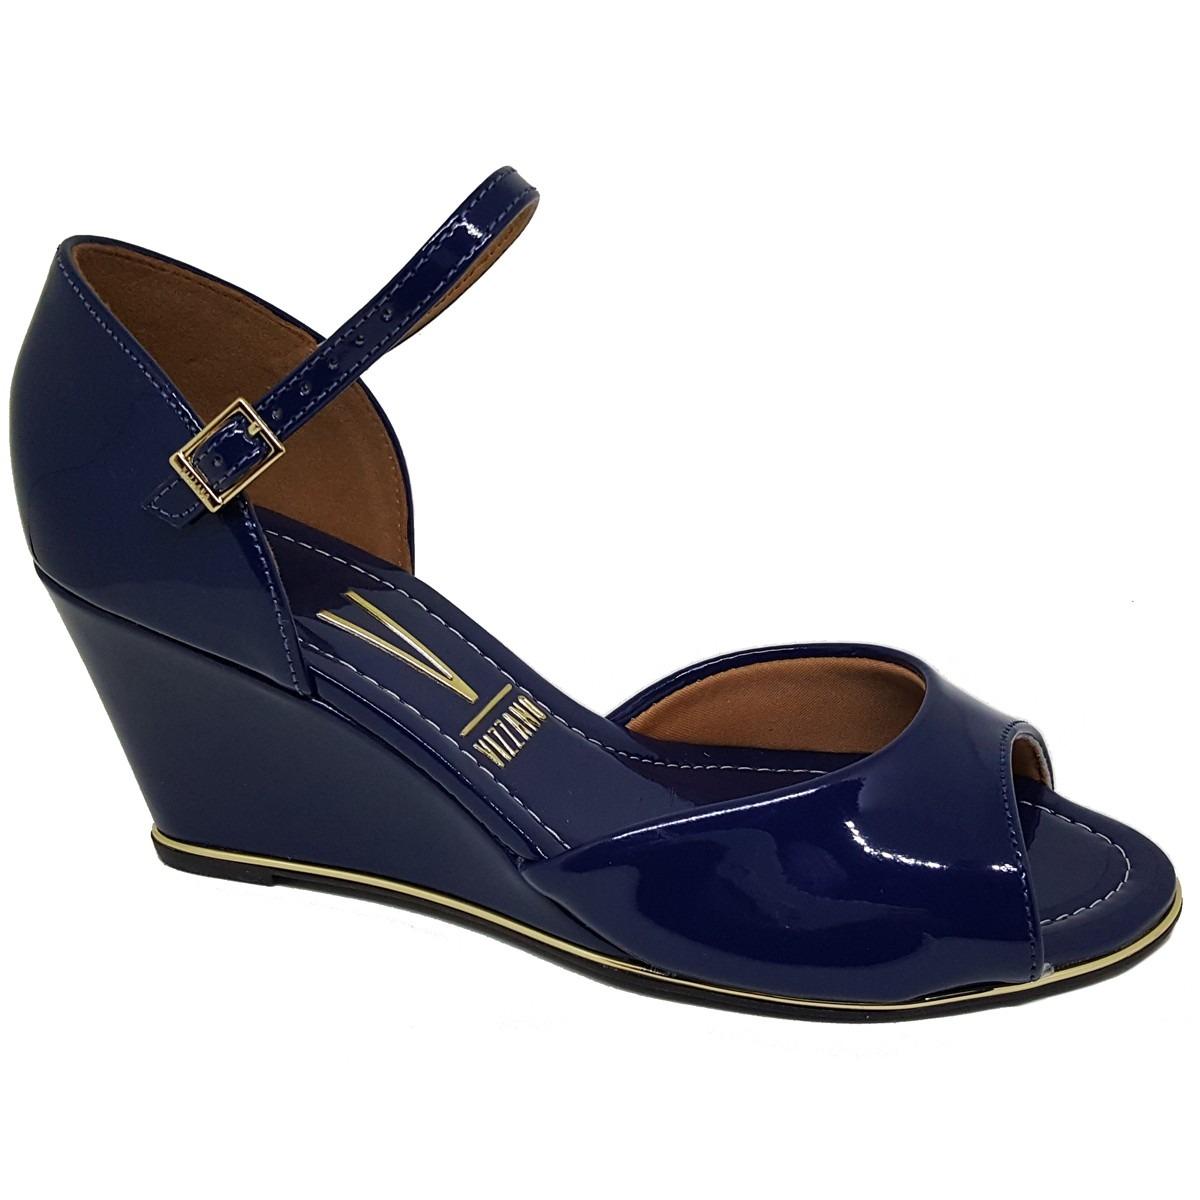 7a44c18c6 Sandália Feminina Anabela Vizzano Azul Marinho - R$ 74,90 em Mercado ...